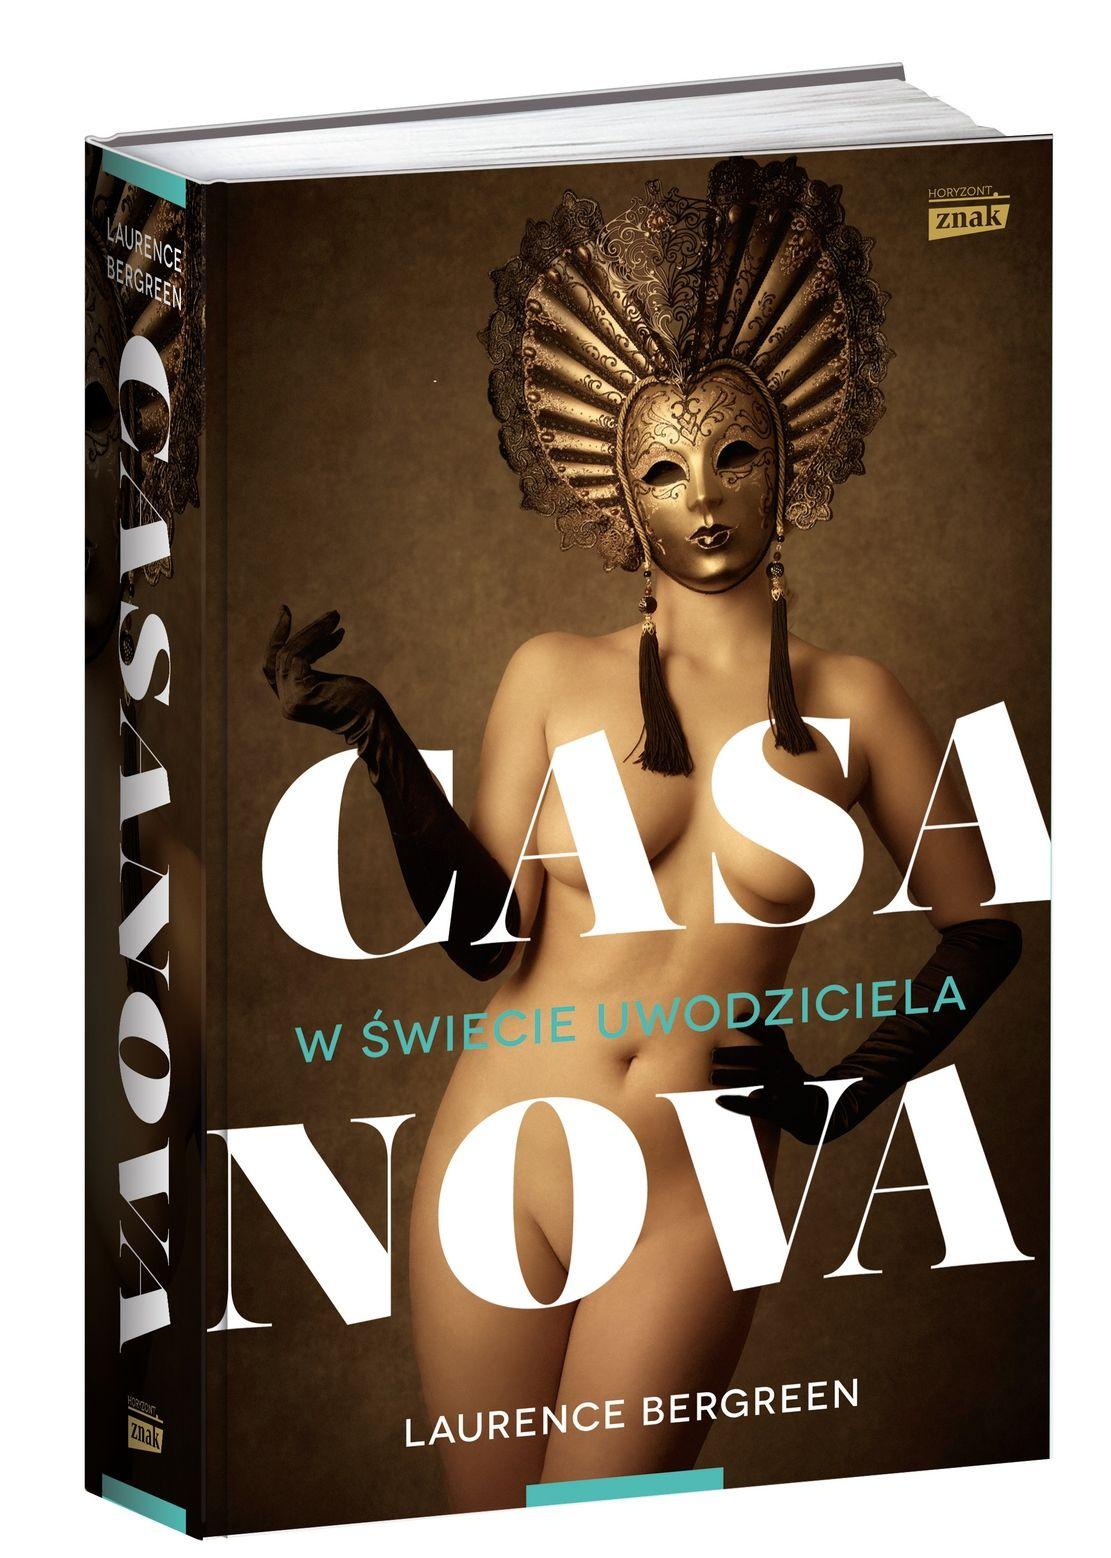 """Artykuł powstał między innymi na podstawie książki Laurence'a Bergreena pod tytułem """"Casanova. W świecie uwodziciela""""(Znak Horyzont 2017)."""